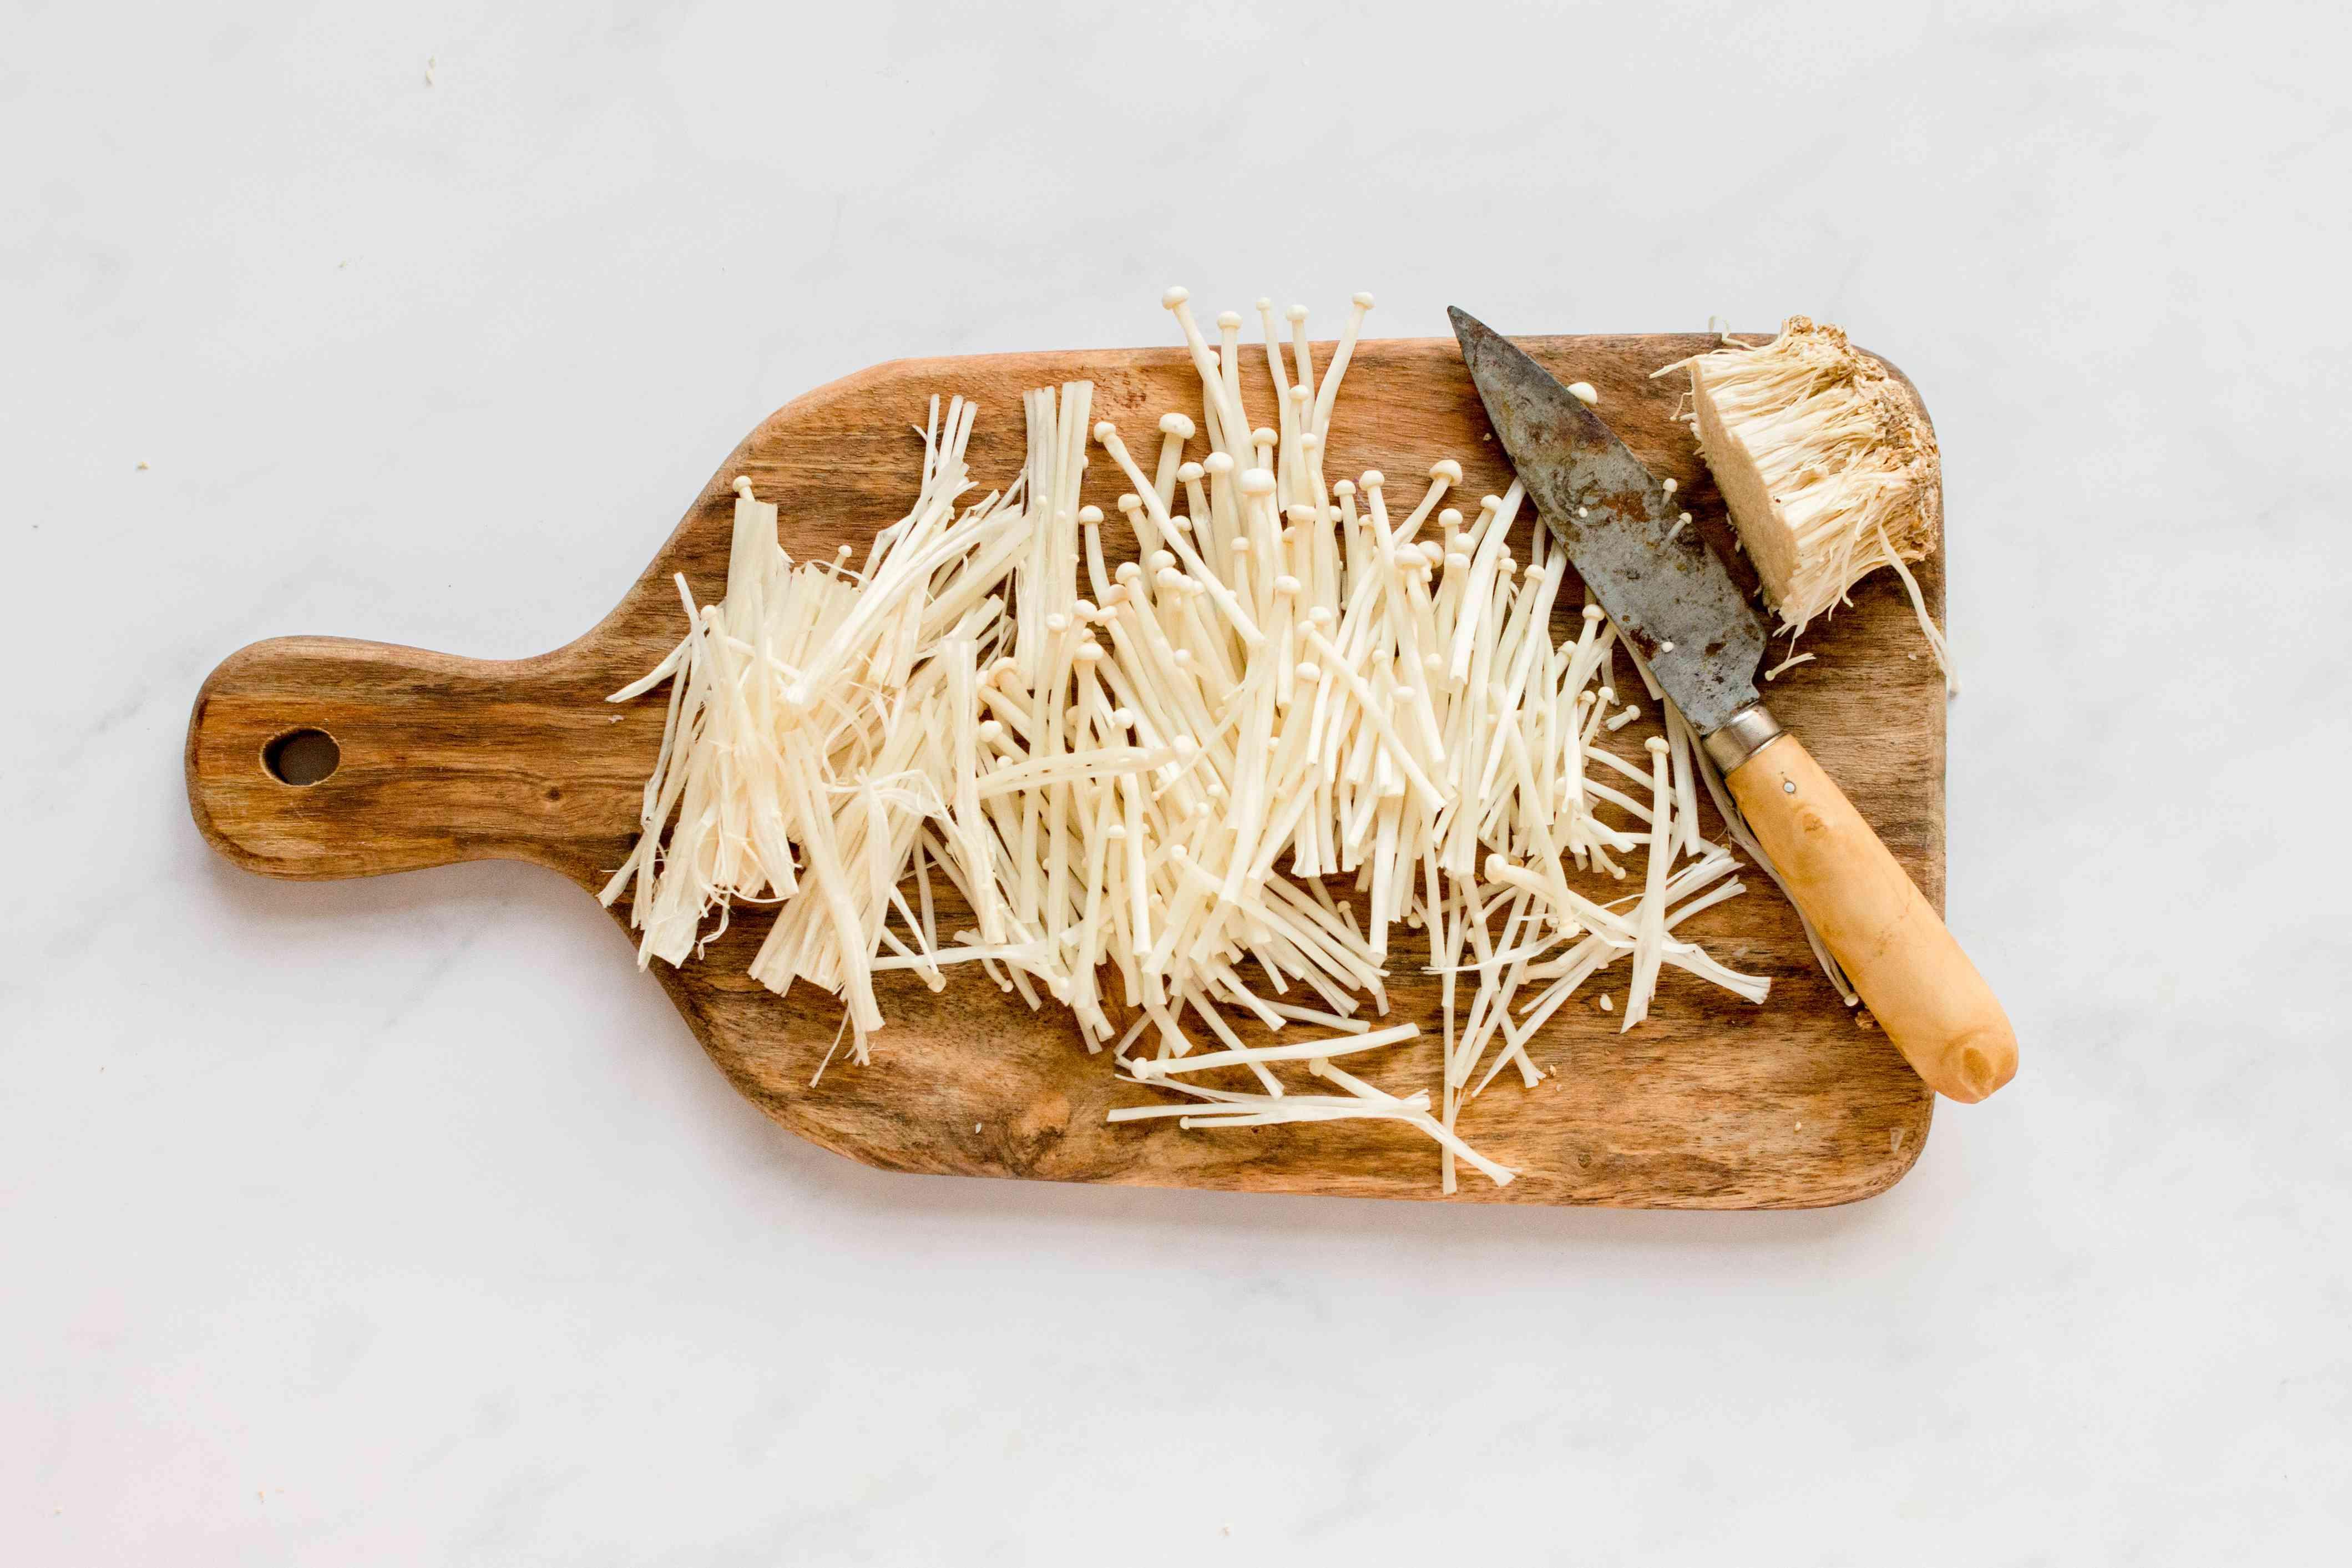 enoki mushrooms cut into pieces